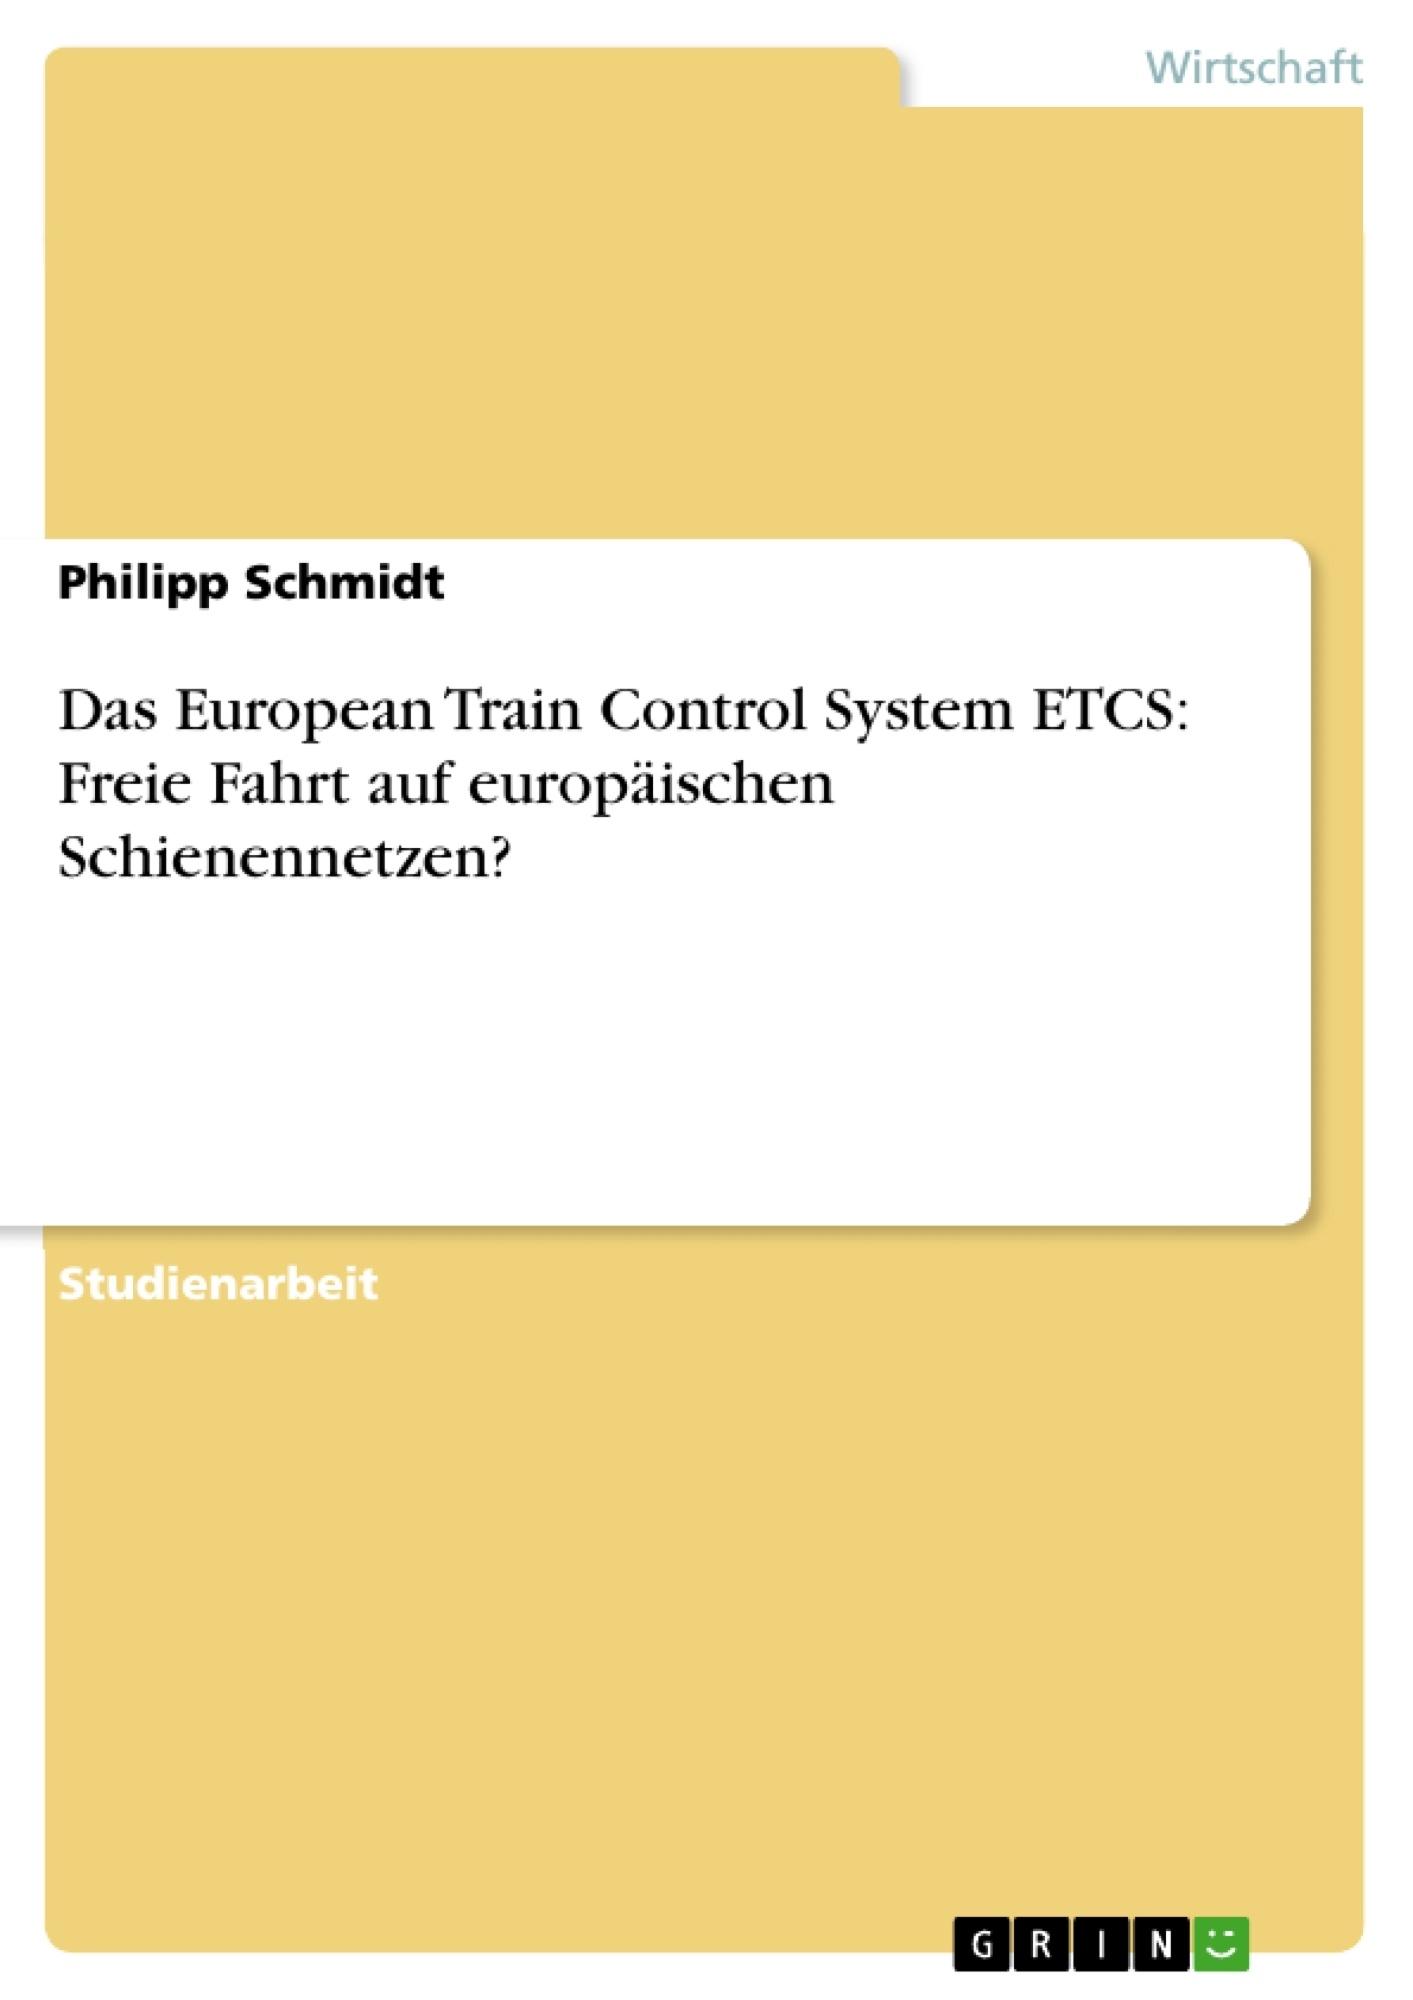 Titel: Das European Train Control System ETCS: Freie Fahrt auf europäischen Schienennetzen?